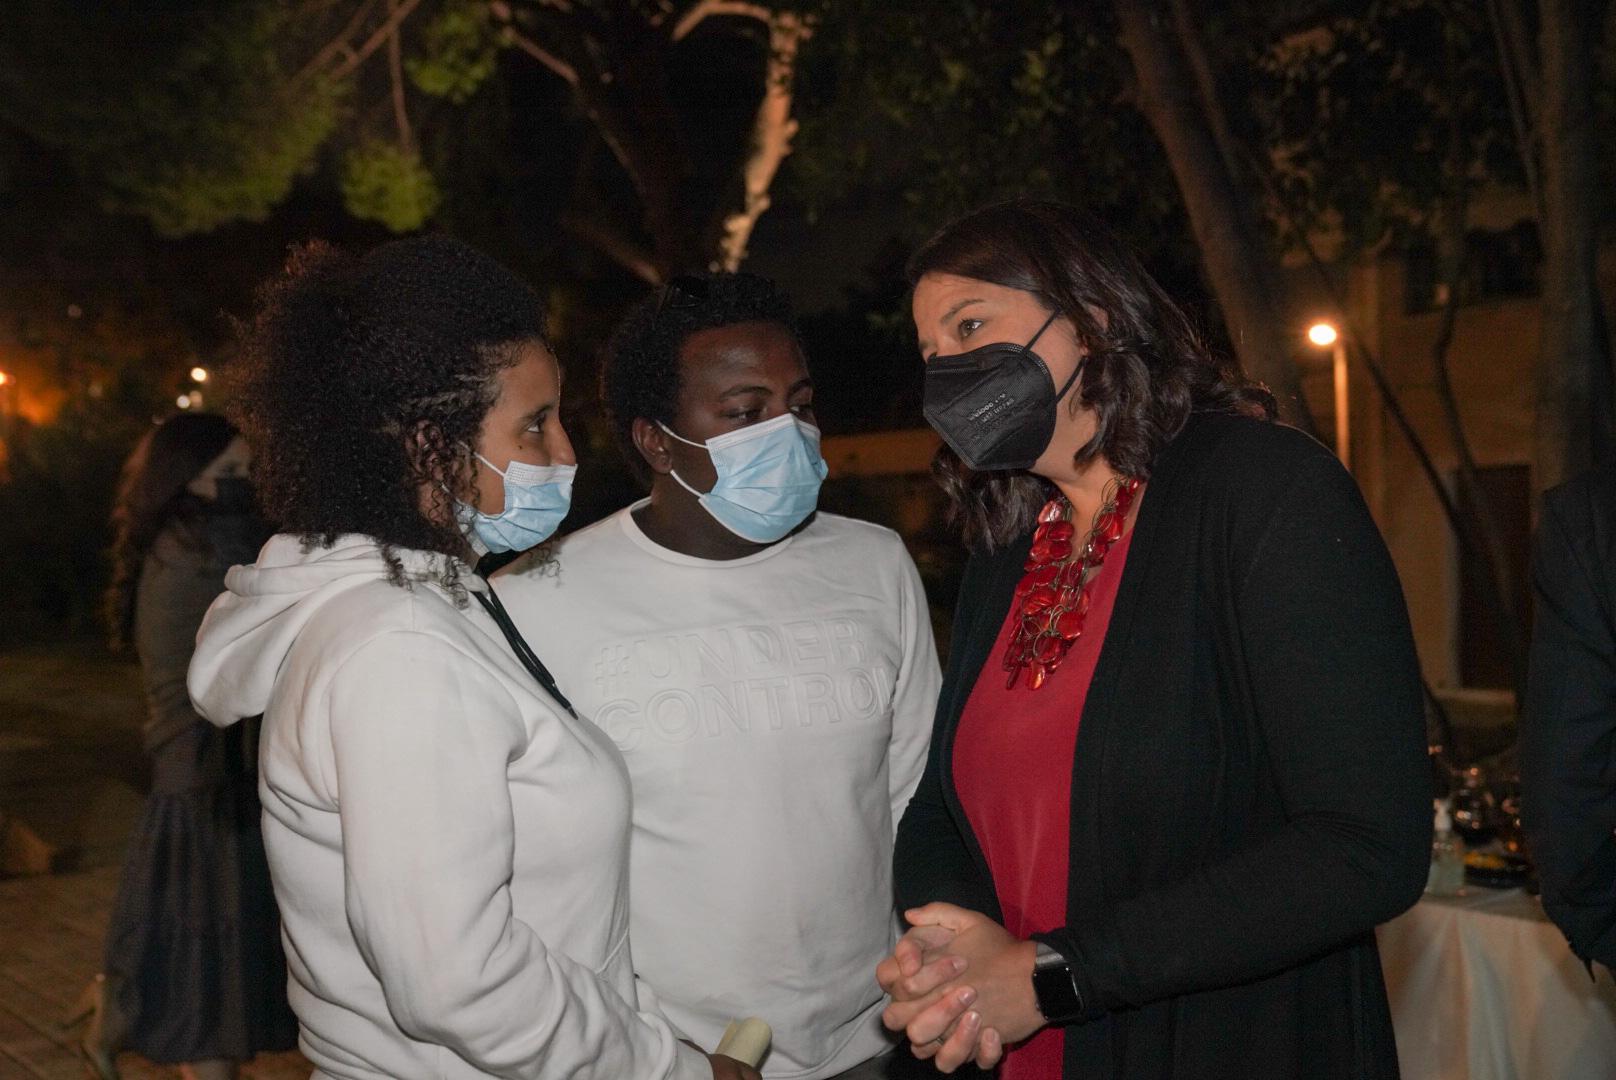 Η Υπουργός Παιδείας και Θρησκευμάτων, Νίκη Κεραμέως, συζητά με γονείς και διακριθέντες μαθητές του διαγωνισμού